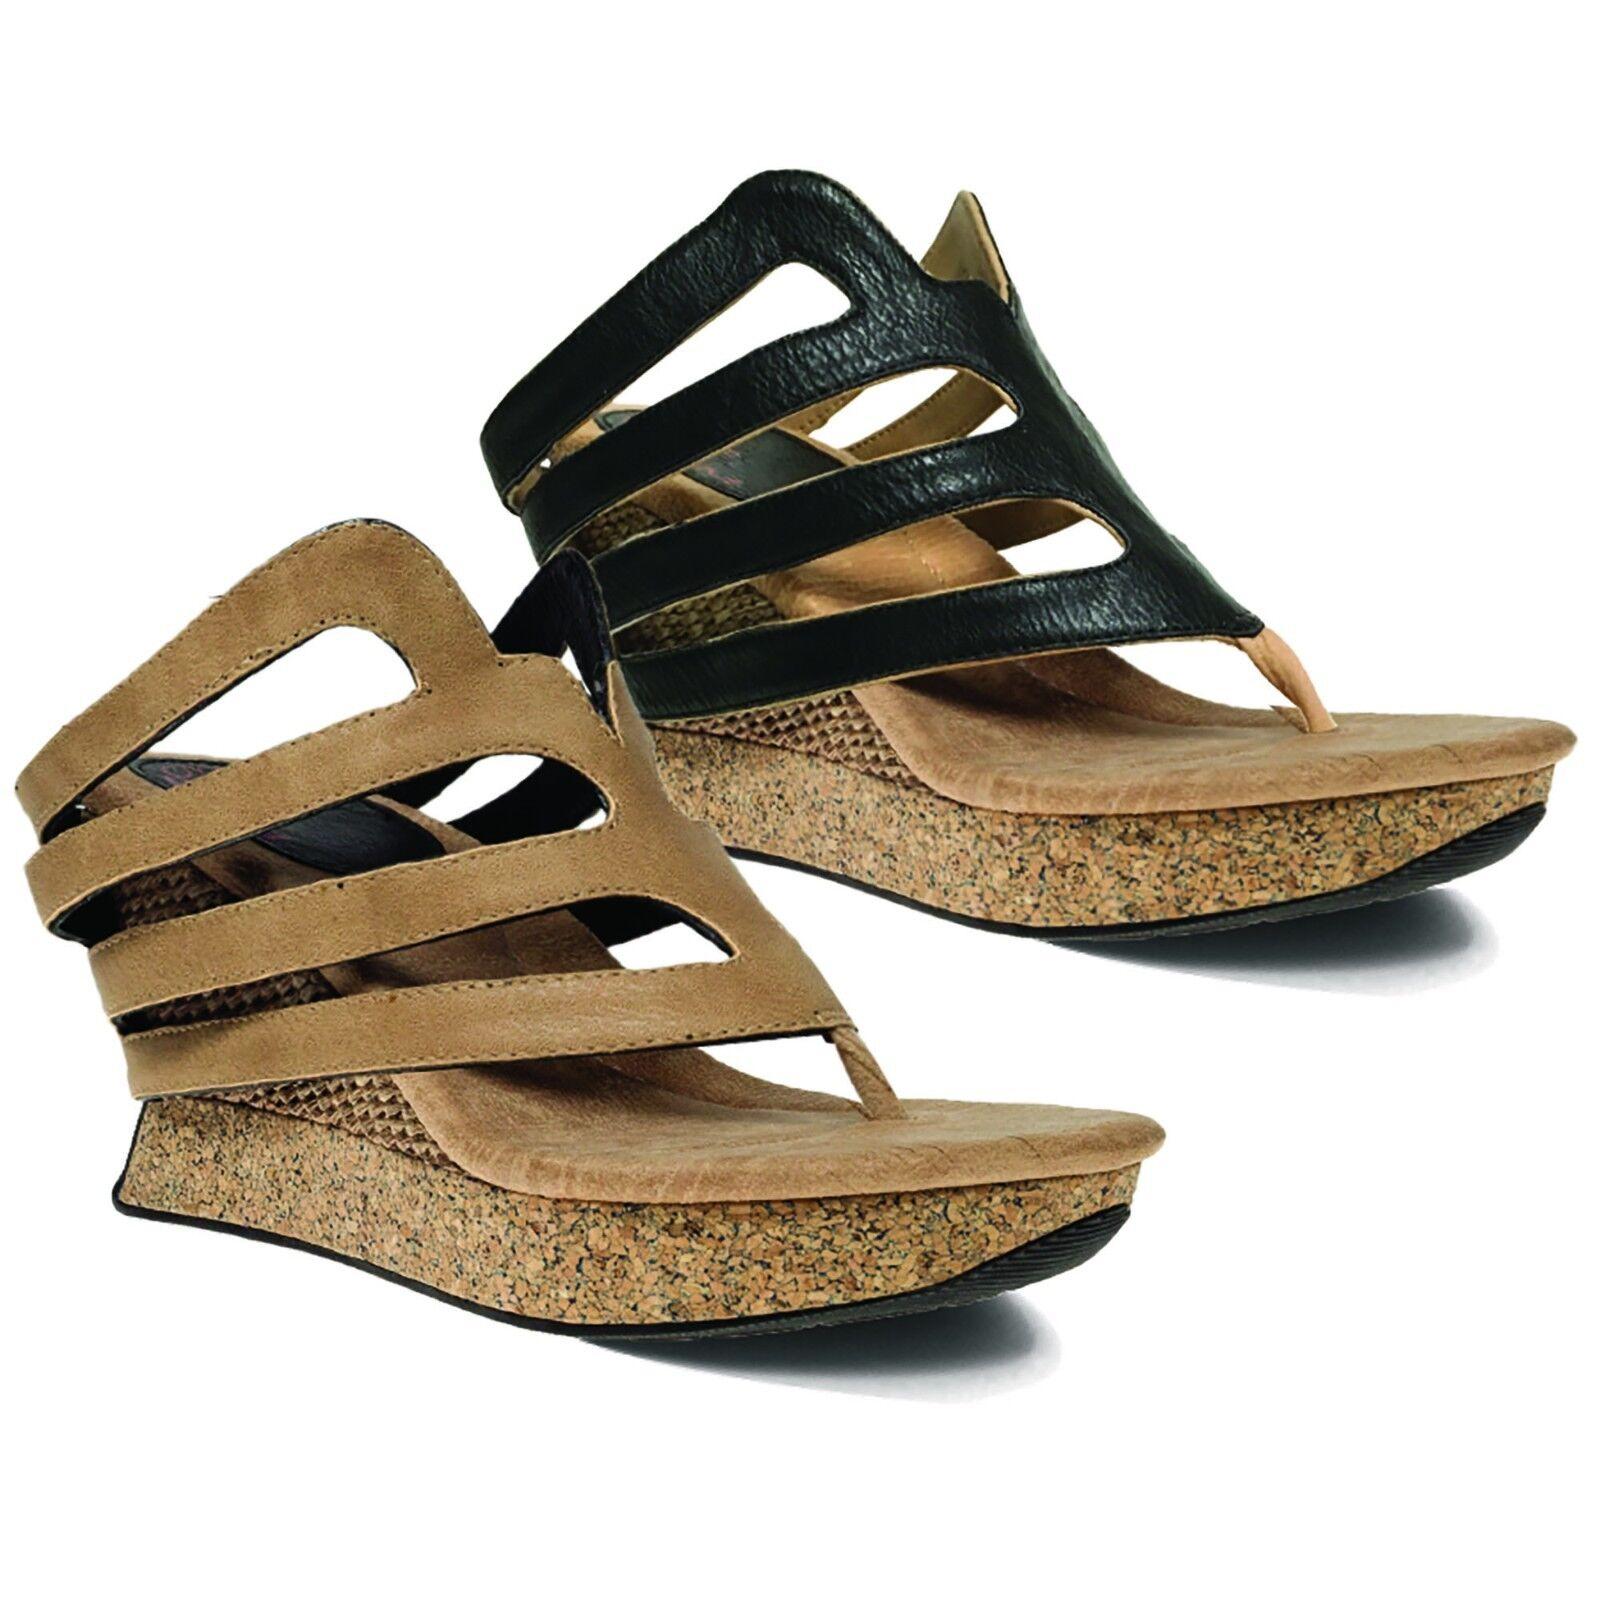 Dr Scholl Ardea b/s Clogs sandali sandalo nere con cinturino